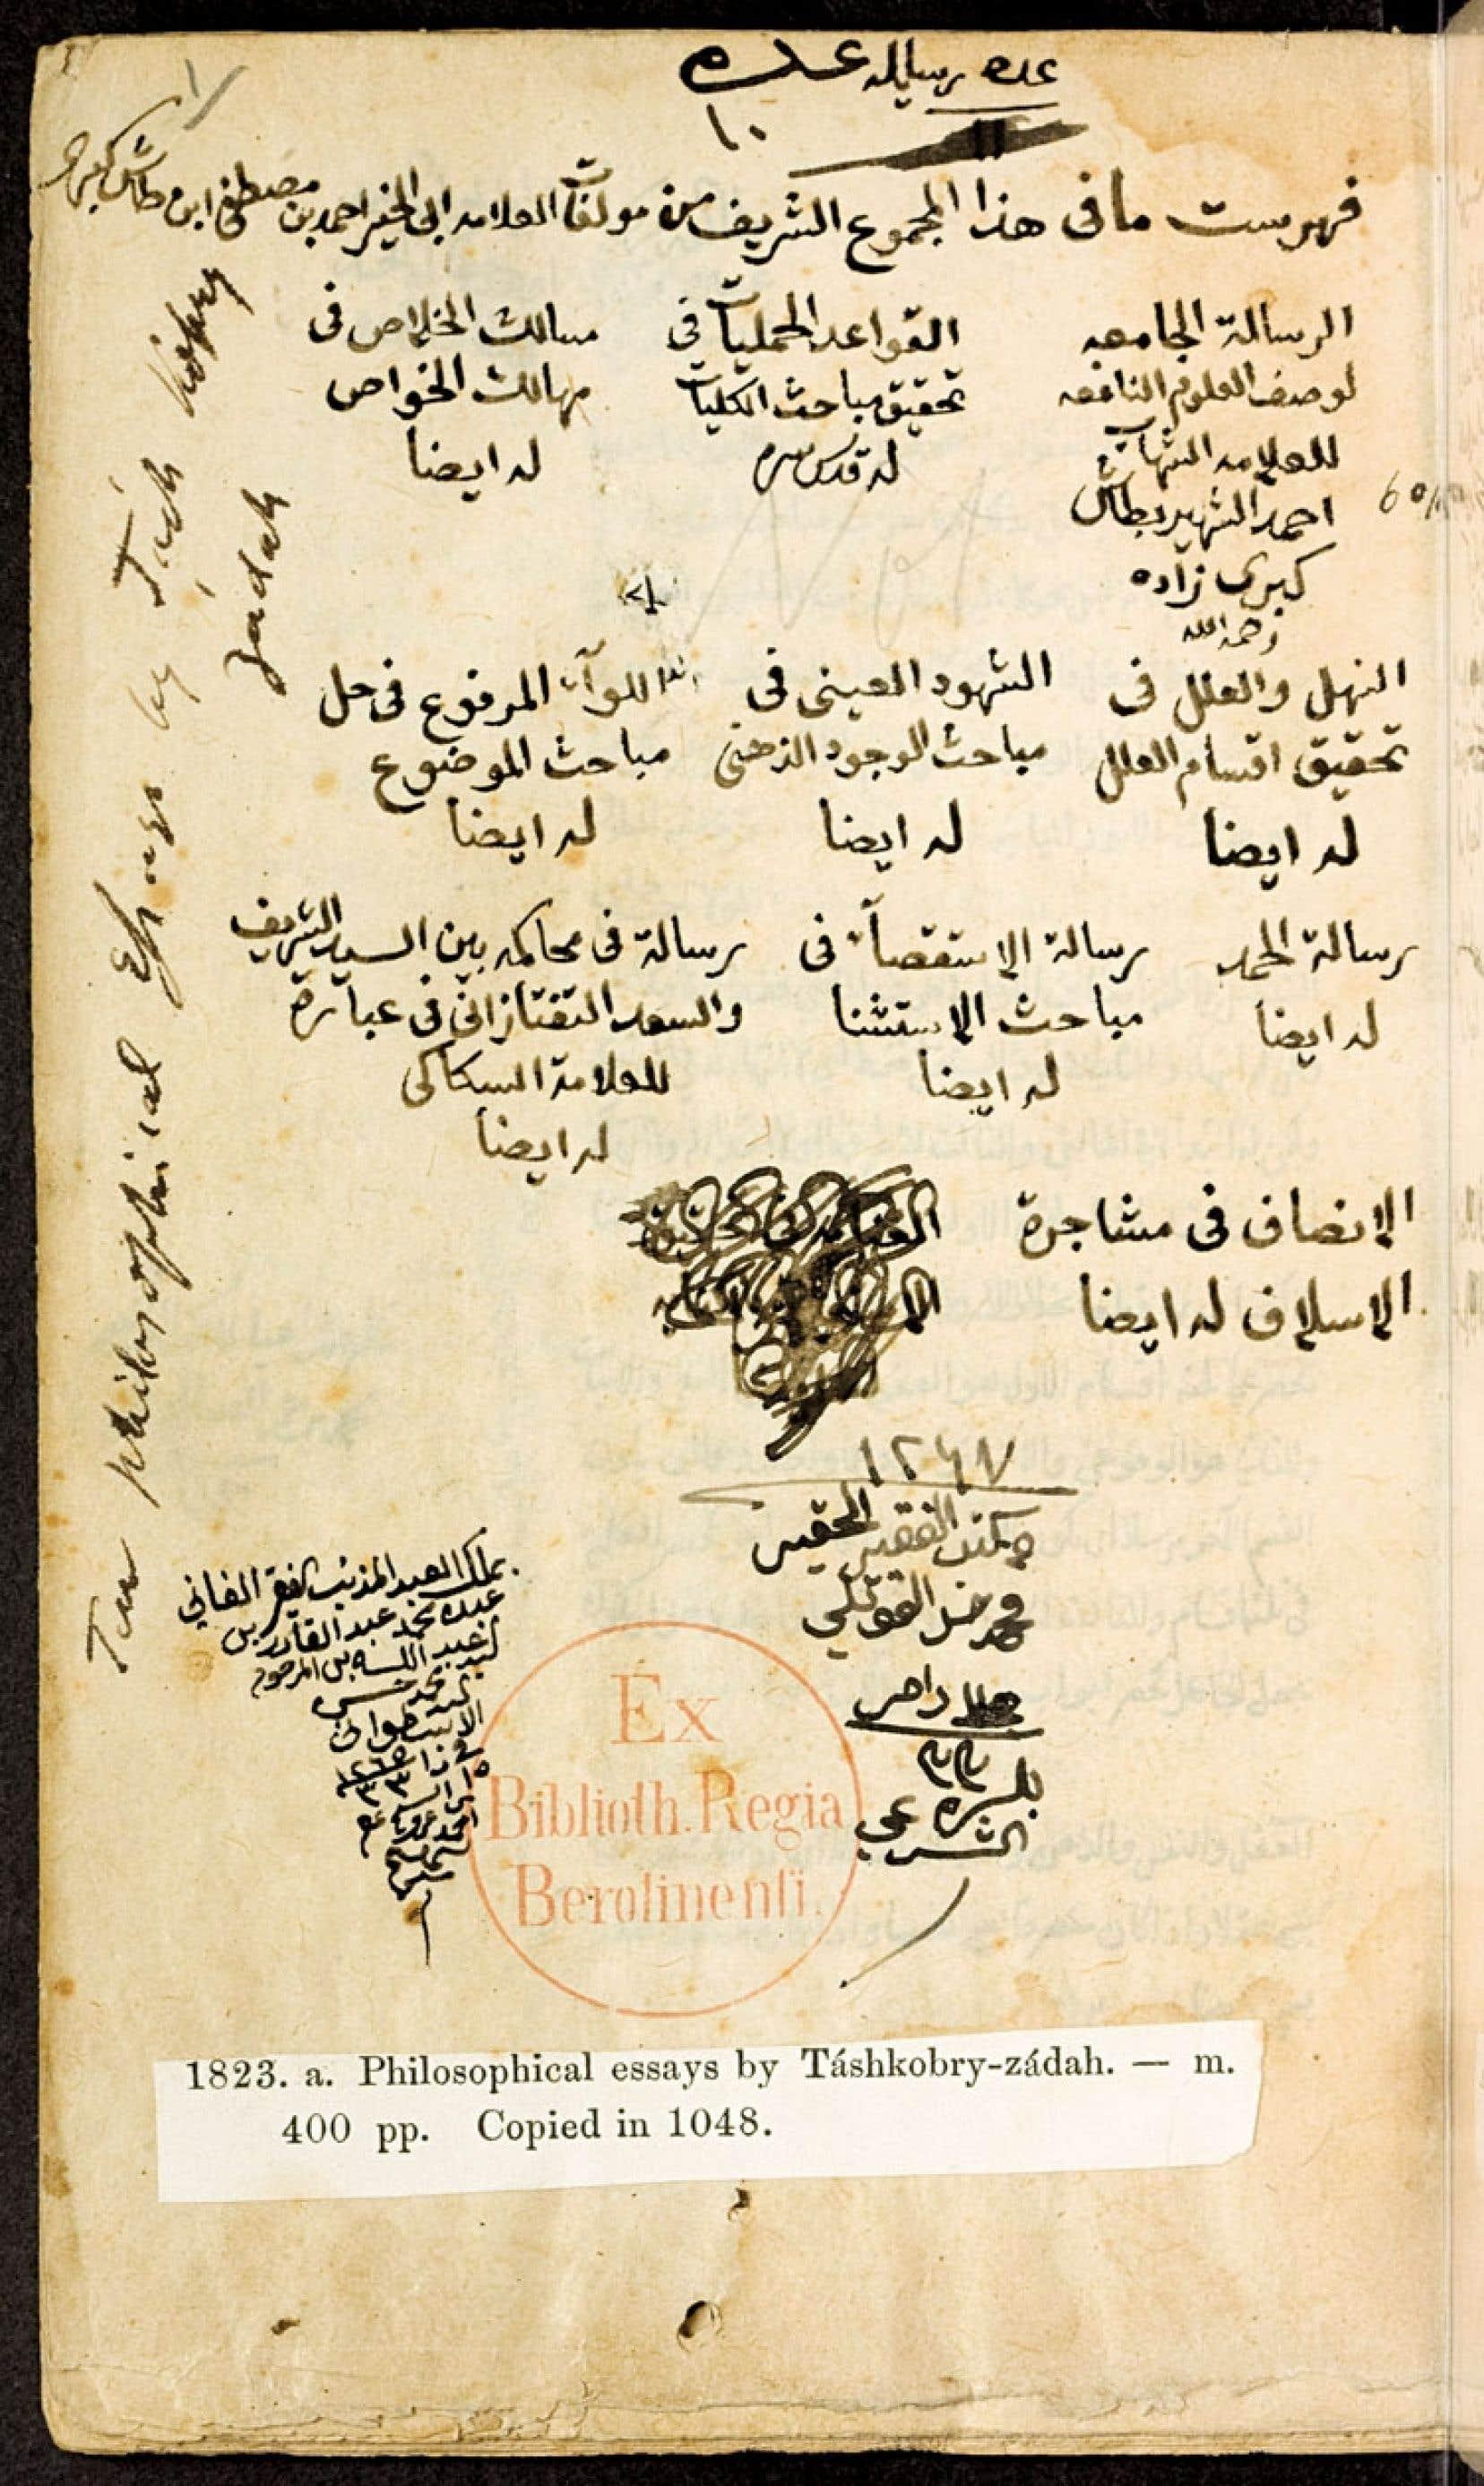 La table des matières d'un recueil de traités philosophiques du penseur ottoman Ahmad b. Mustafa Tashkubrizade, mort en 968 du calendrier musulman, soit en 1560 de l'ère chrétienne. Le manuscrit appartient à la Staatsbibliothek de Berlin, plus précisément à la collection de l'orientaliste autrichien Aloys Sprenger (1813-1893).